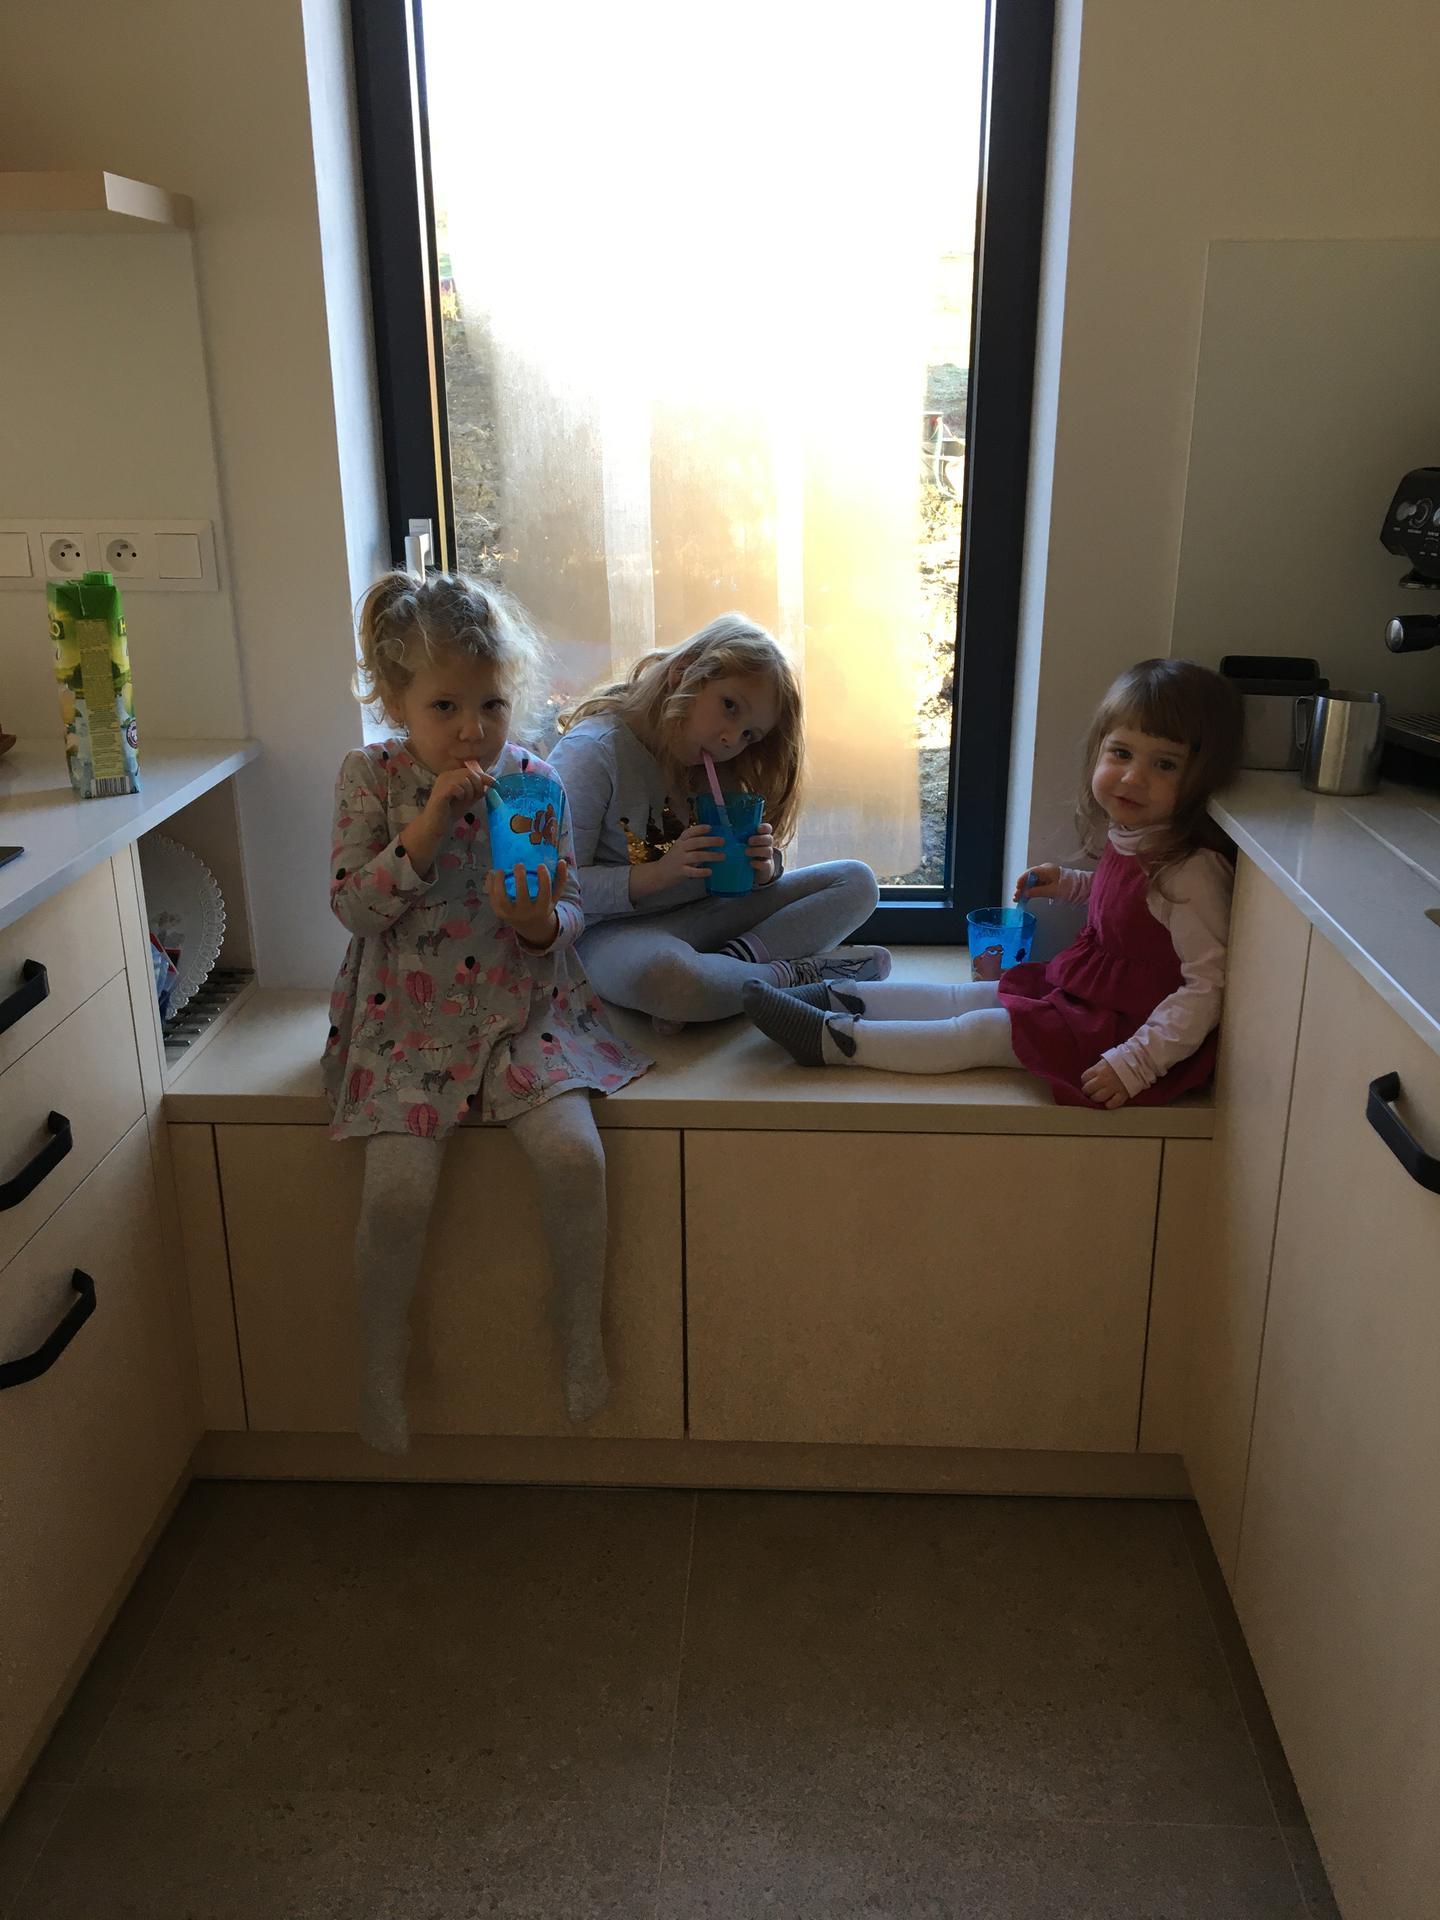 Tvorime domov - sedenie v okne ma vyuzitie na 100%